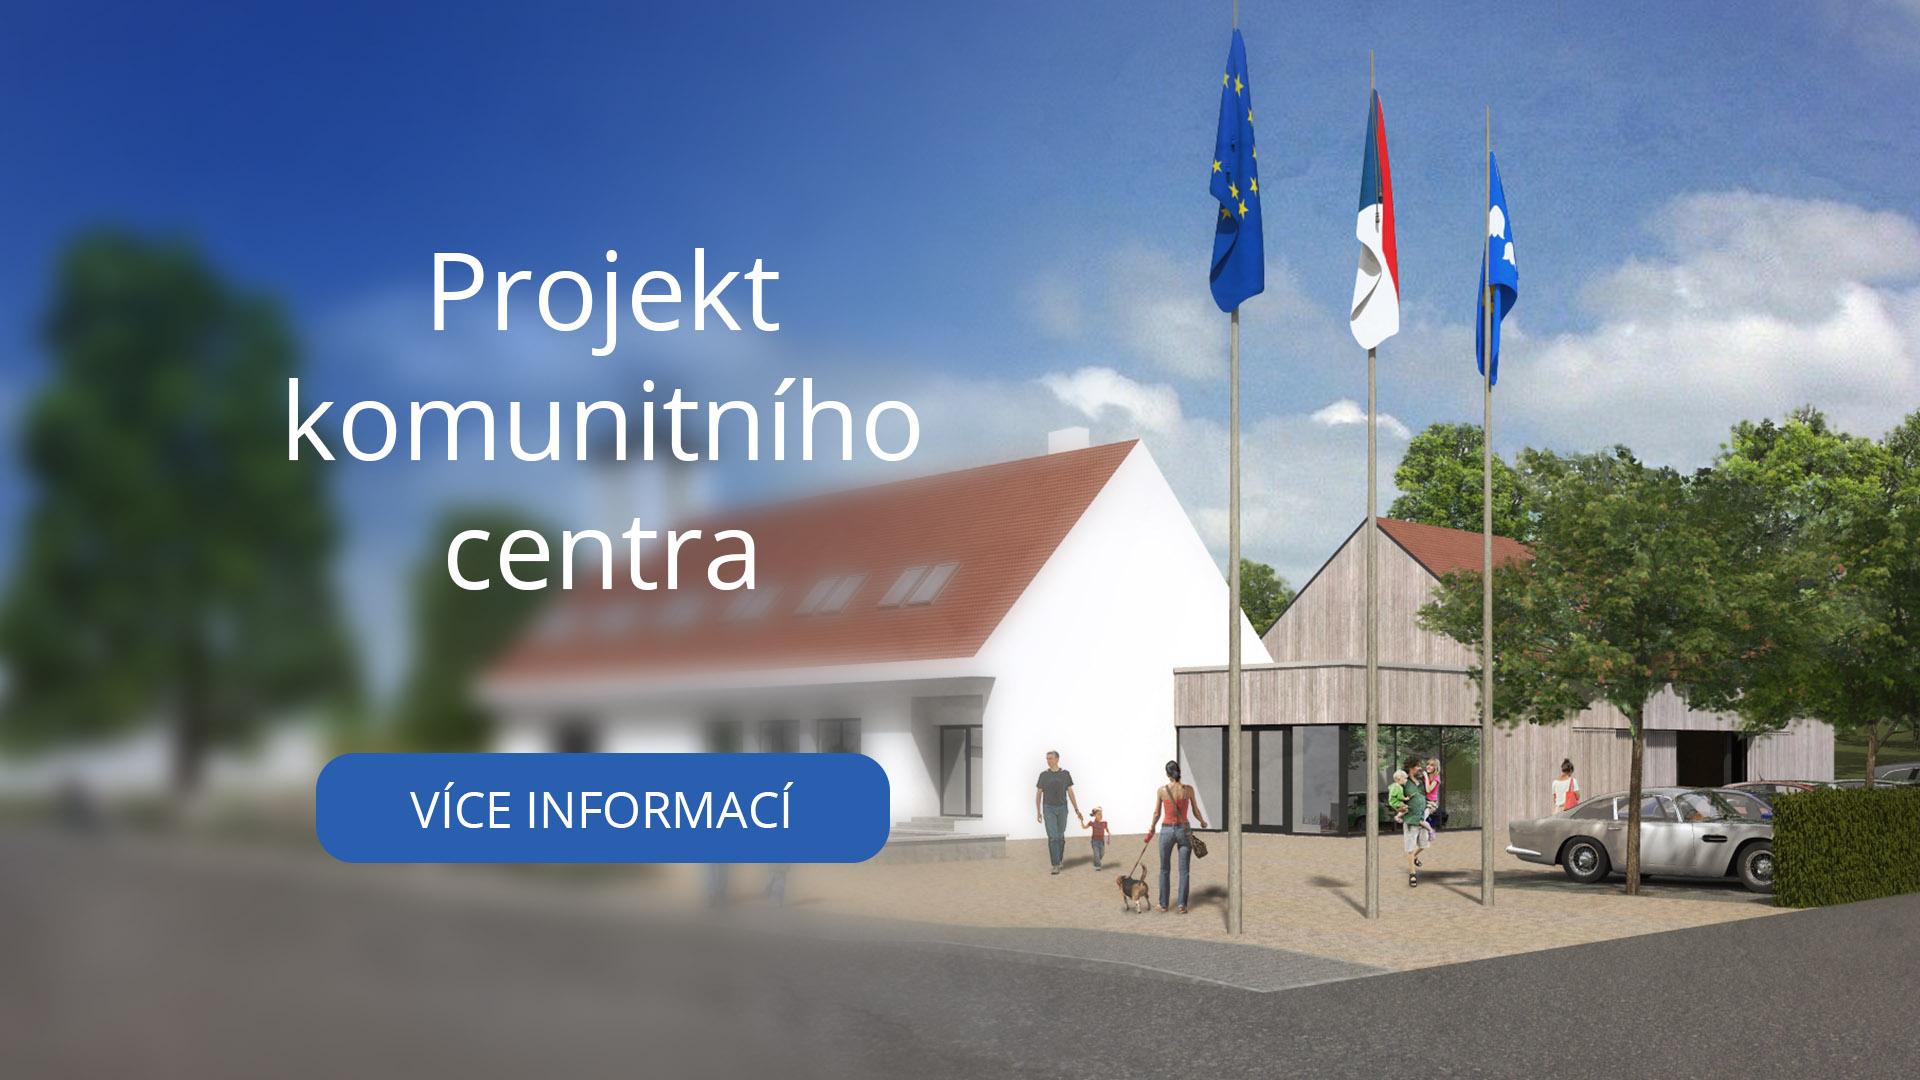 Projekt komunitního centra